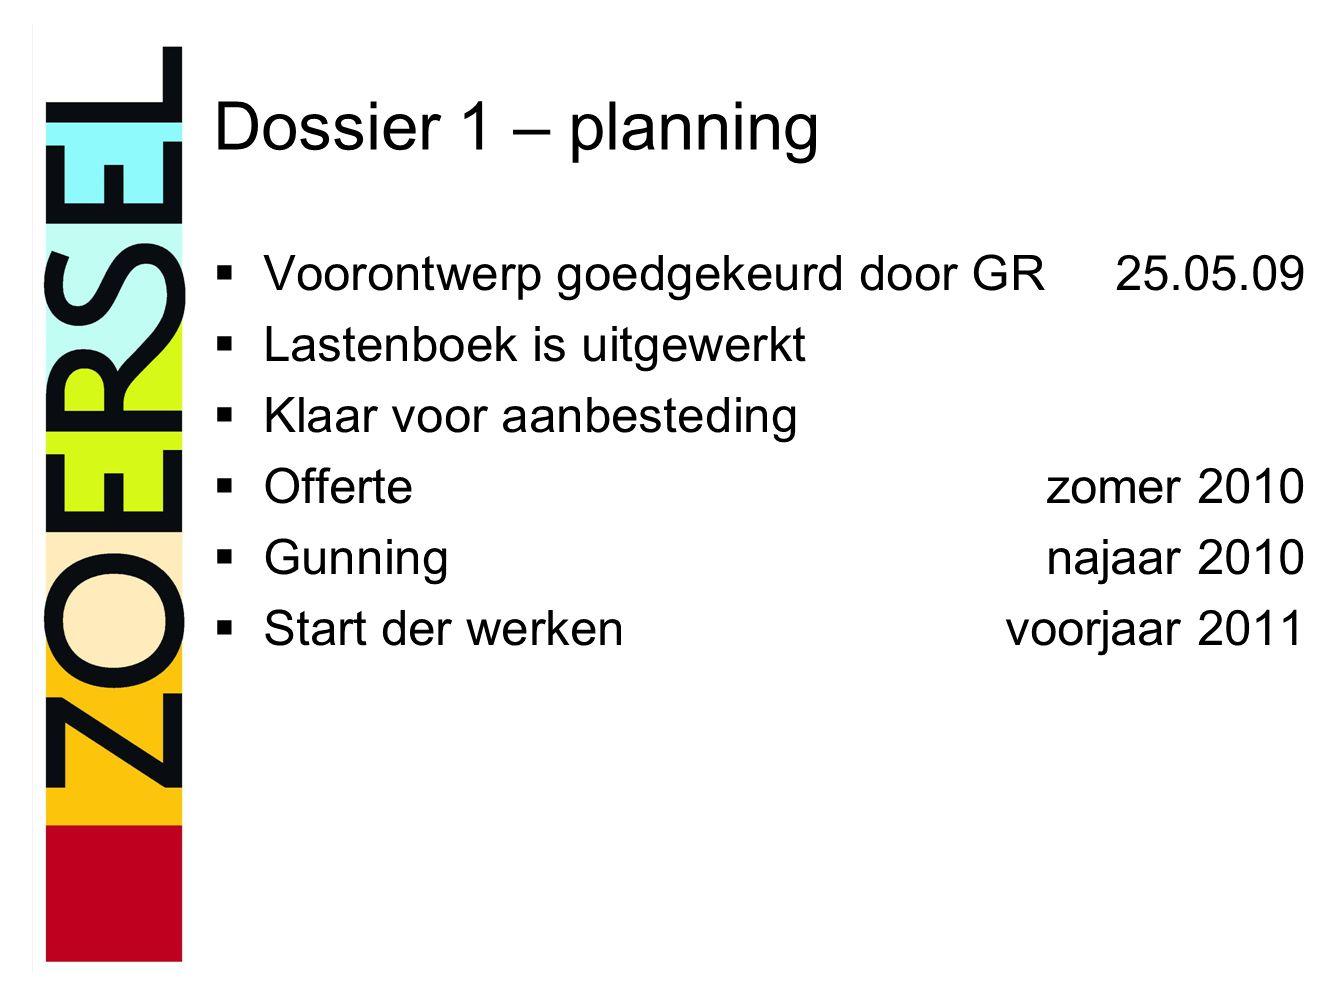 Dossier 1 – planning  Voorontwerp goedgekeurd door GR25.05.09  Lastenboek is uitgewerkt  Klaar voor aanbesteding  Offertezomer 2010  Gunningnajaar 2010  Start der werkenvoorjaar 2011